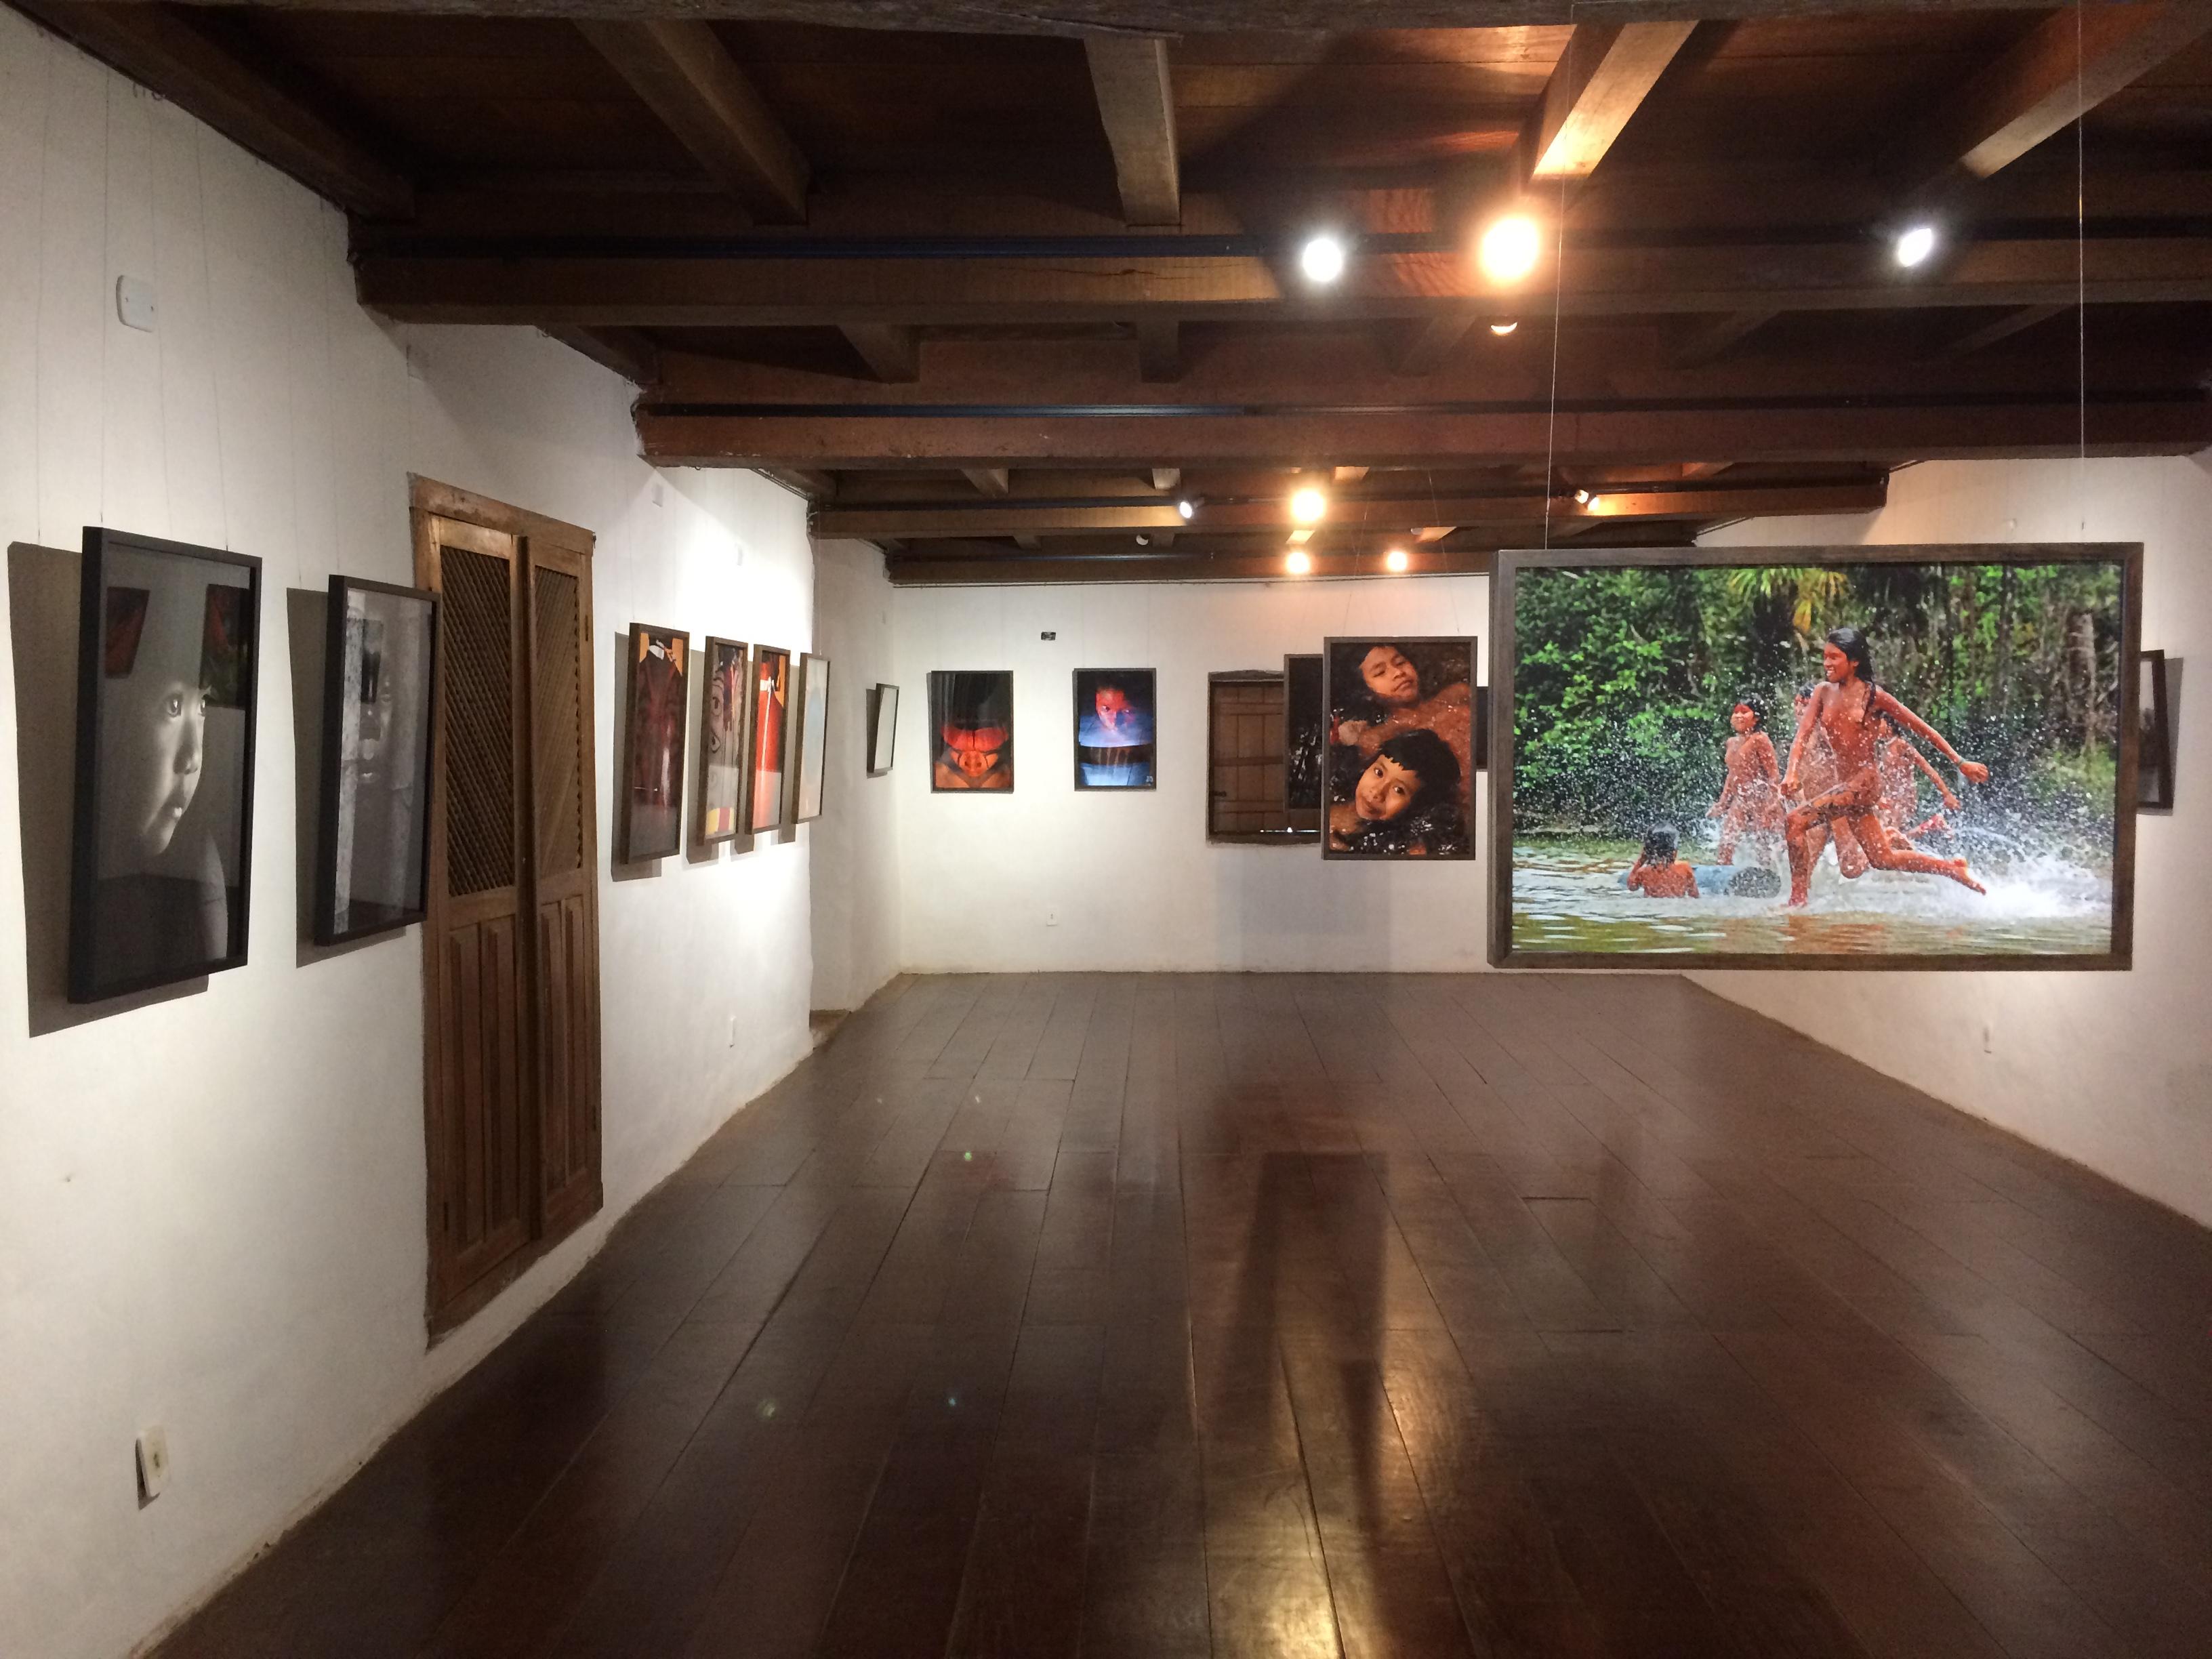 Festival de Fotografia de Tiradentes (MG)